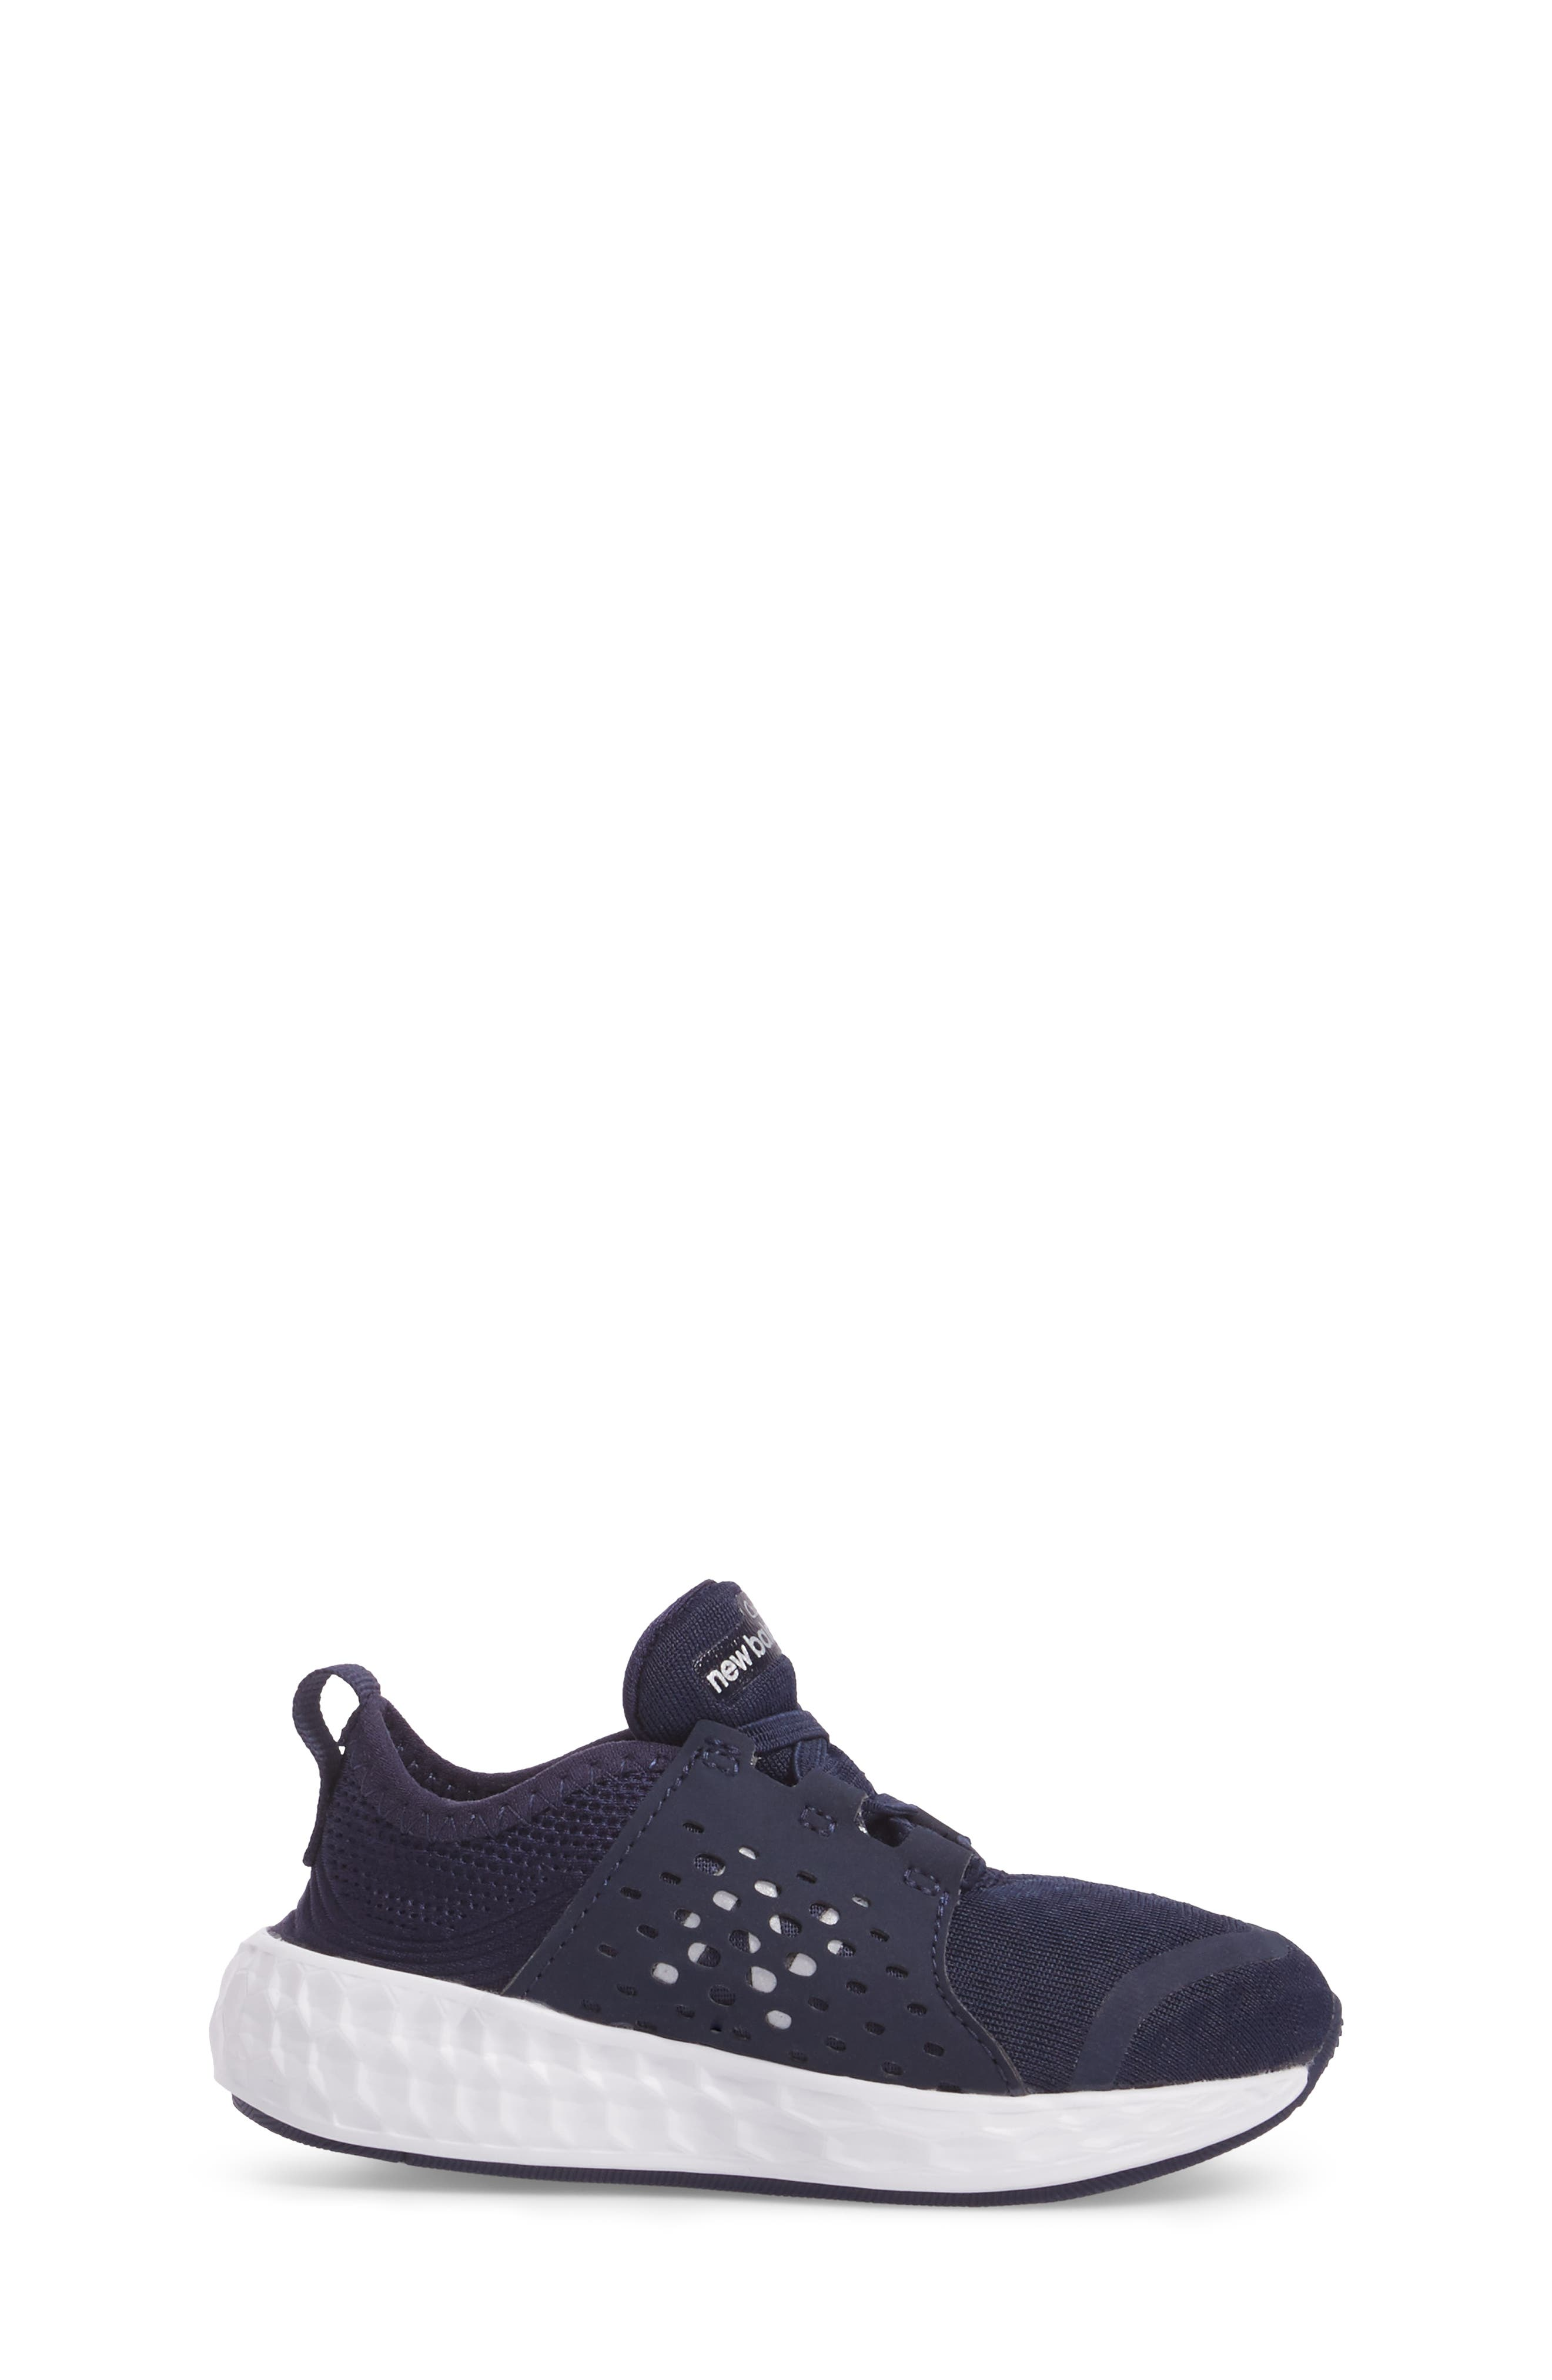 Cruz Sport Sneaker,                             Alternate thumbnail 3, color,                             Navy/ White